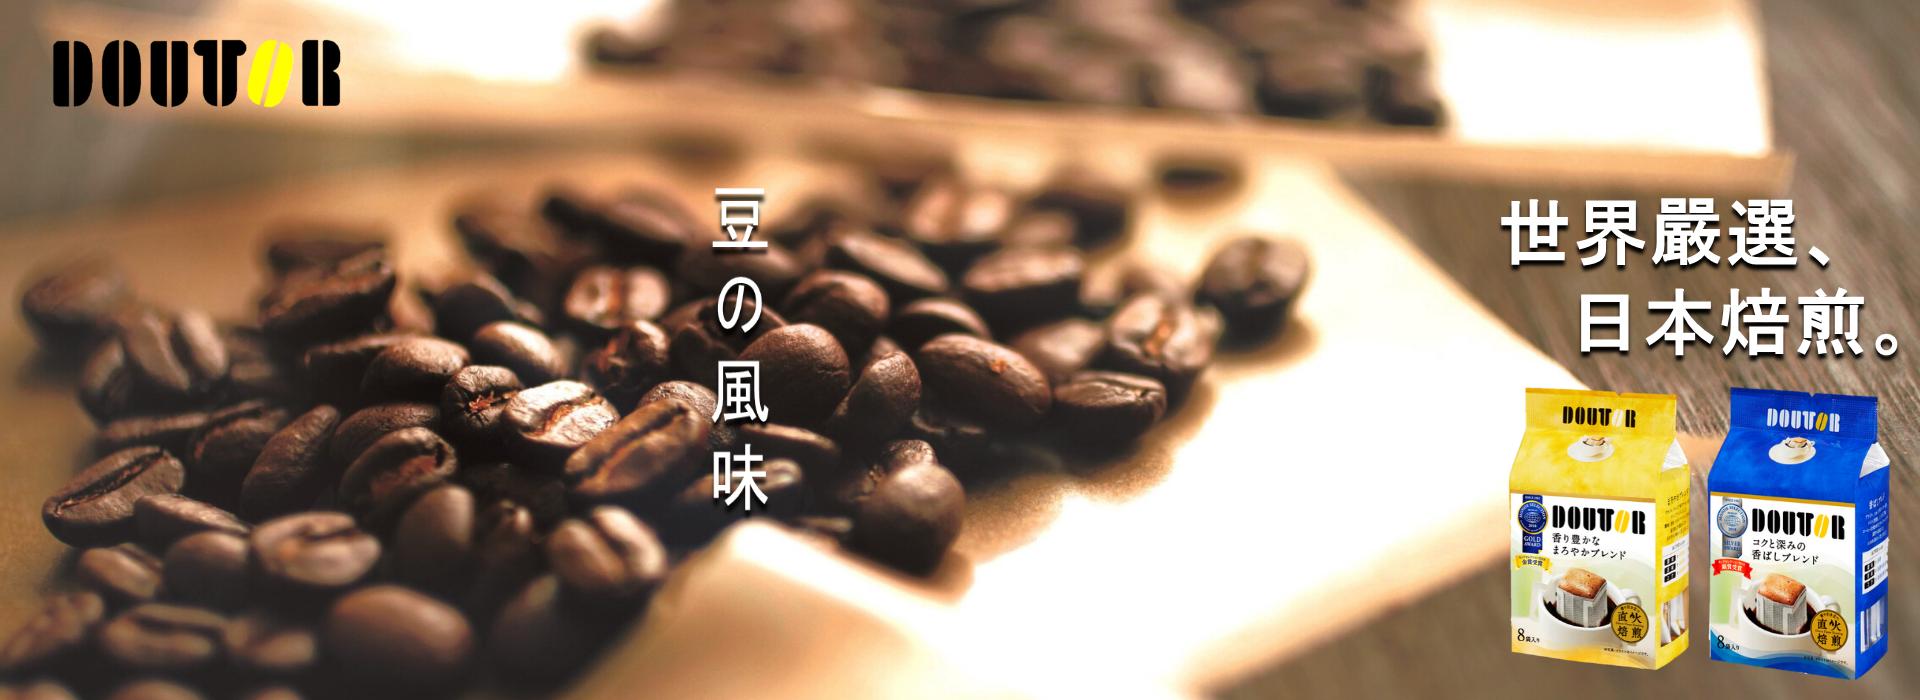 羅多倫濾掛咖啡